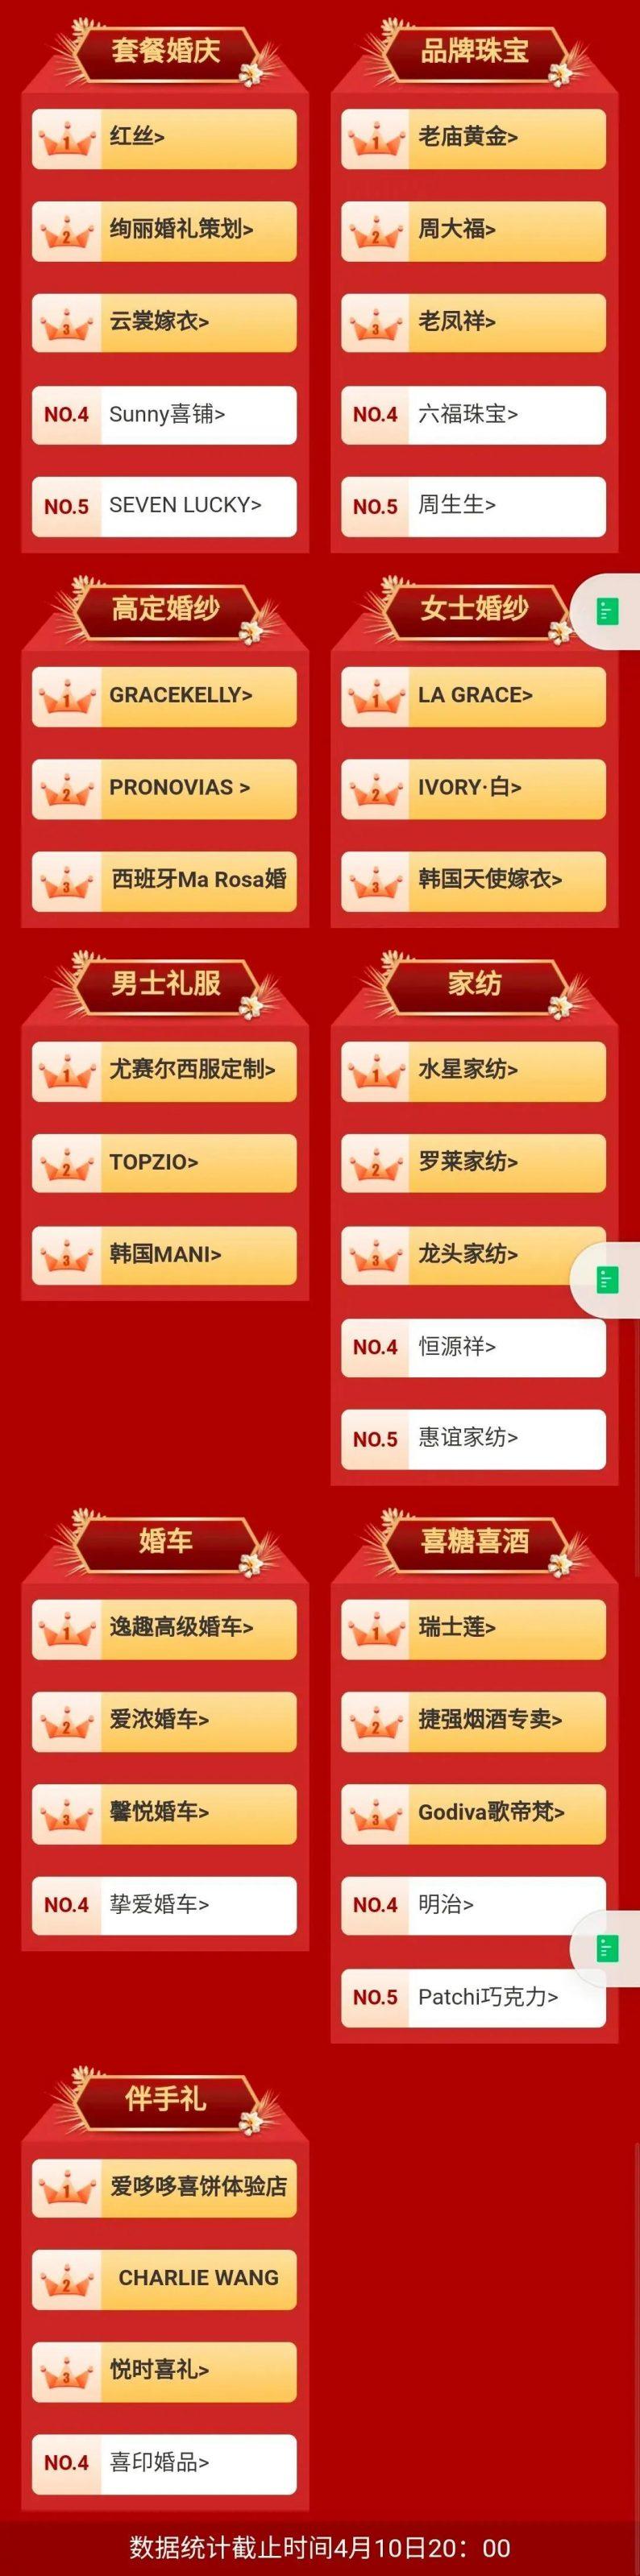 婚礼堂热度明显降低……上海婚博会创全国新高  第3张